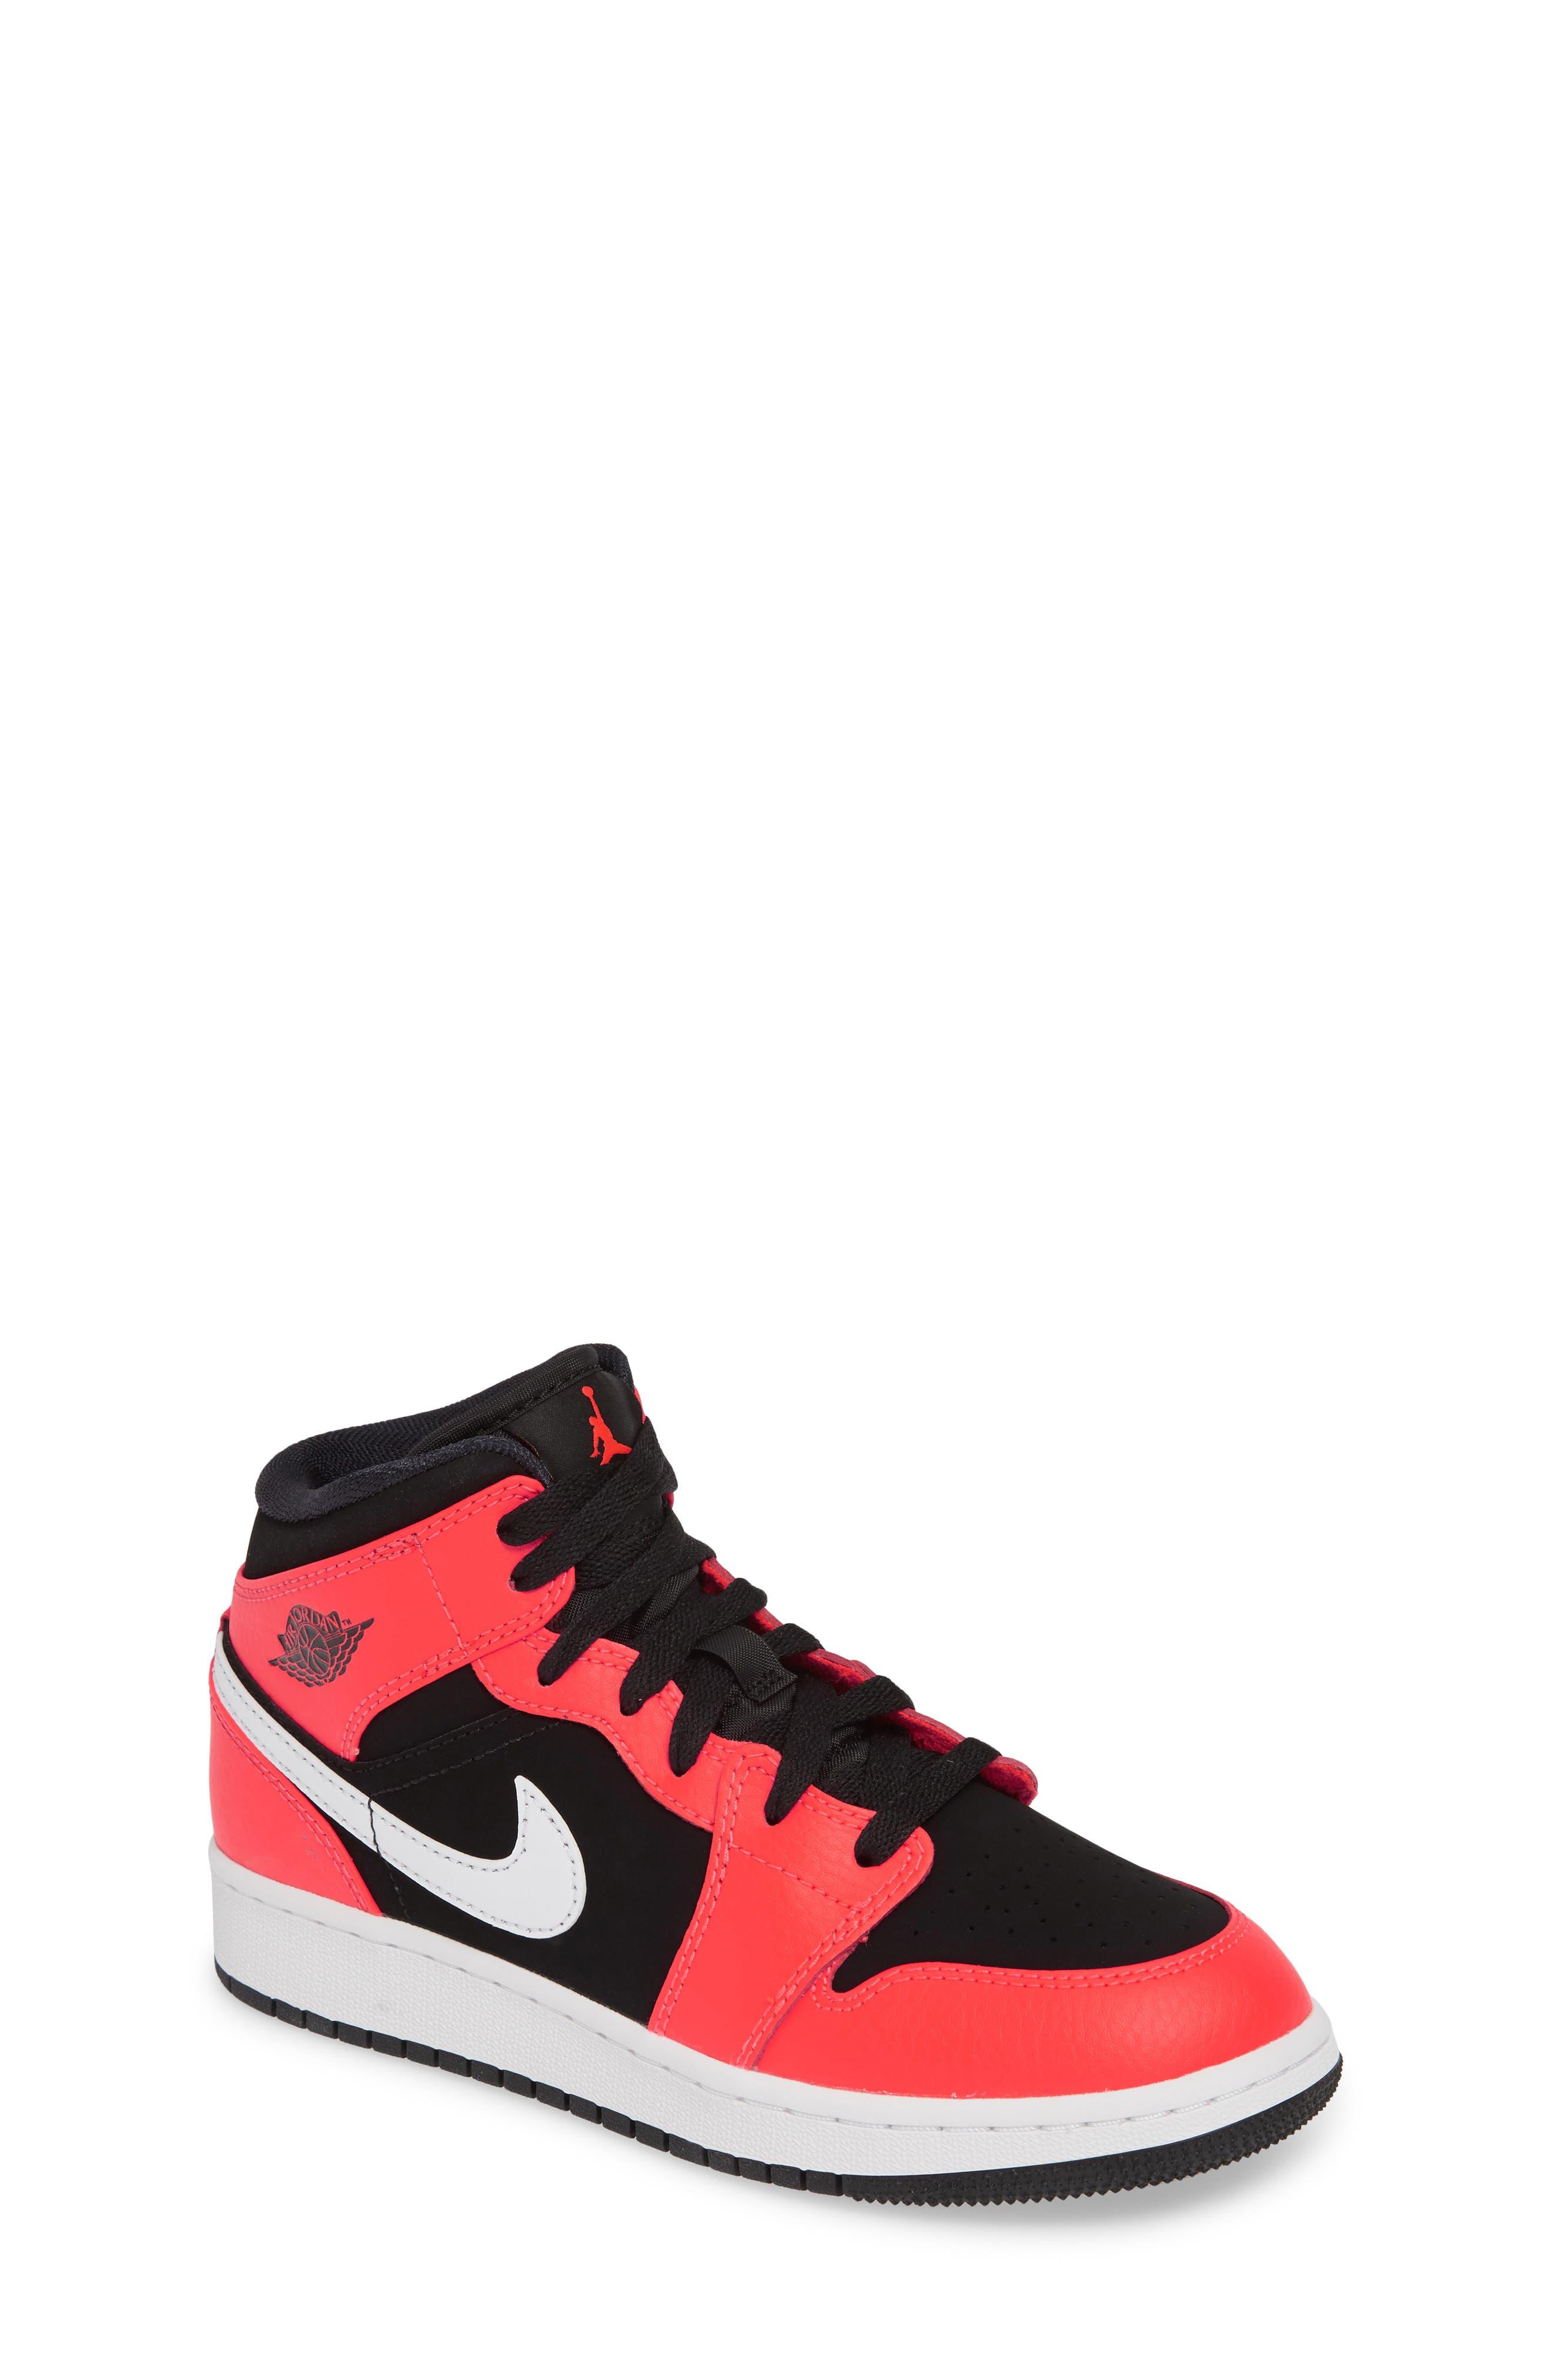 JORDAN, Nike 'Air Jordan 1 Mid' Sneaker, Main thumbnail 1, color, BLACK/ INFRARED 23-WHITE